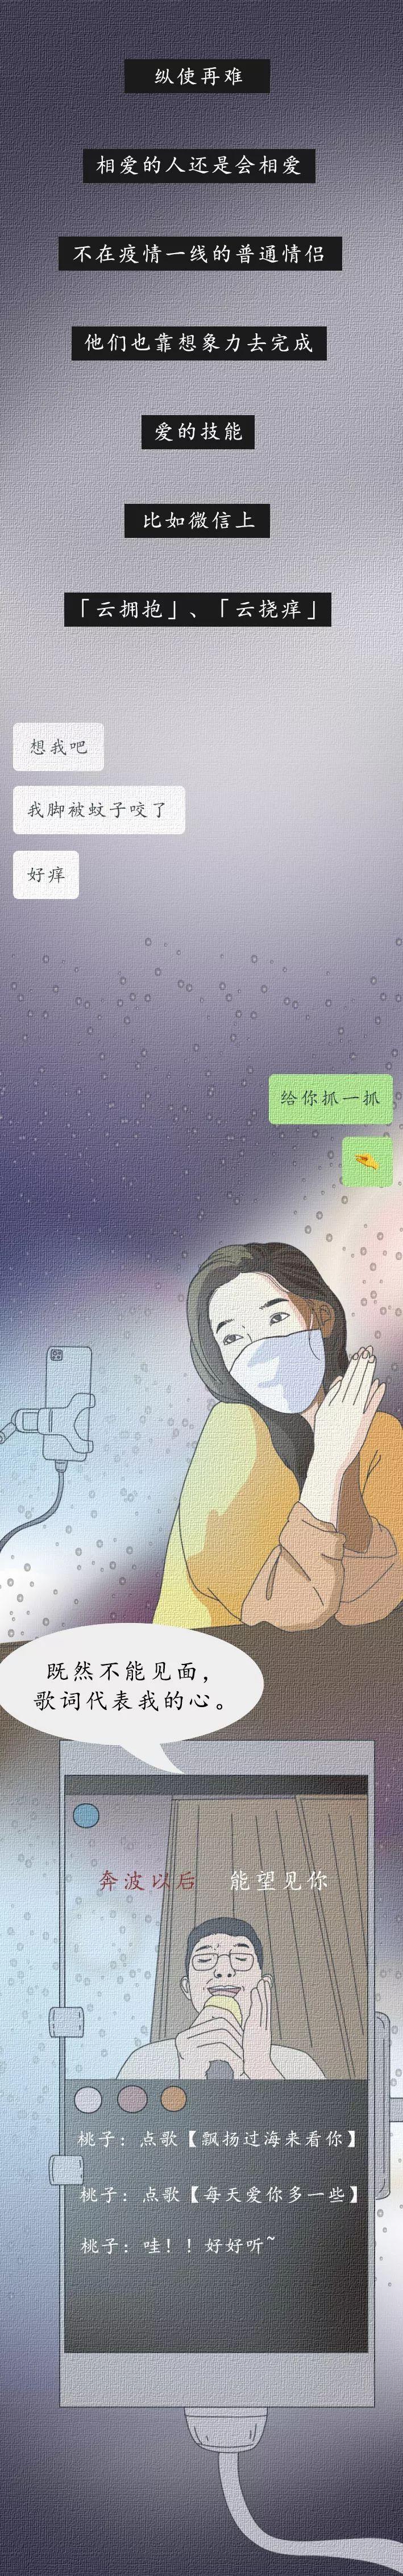 疫情笼罩下,一个没有情人的「情人节」。